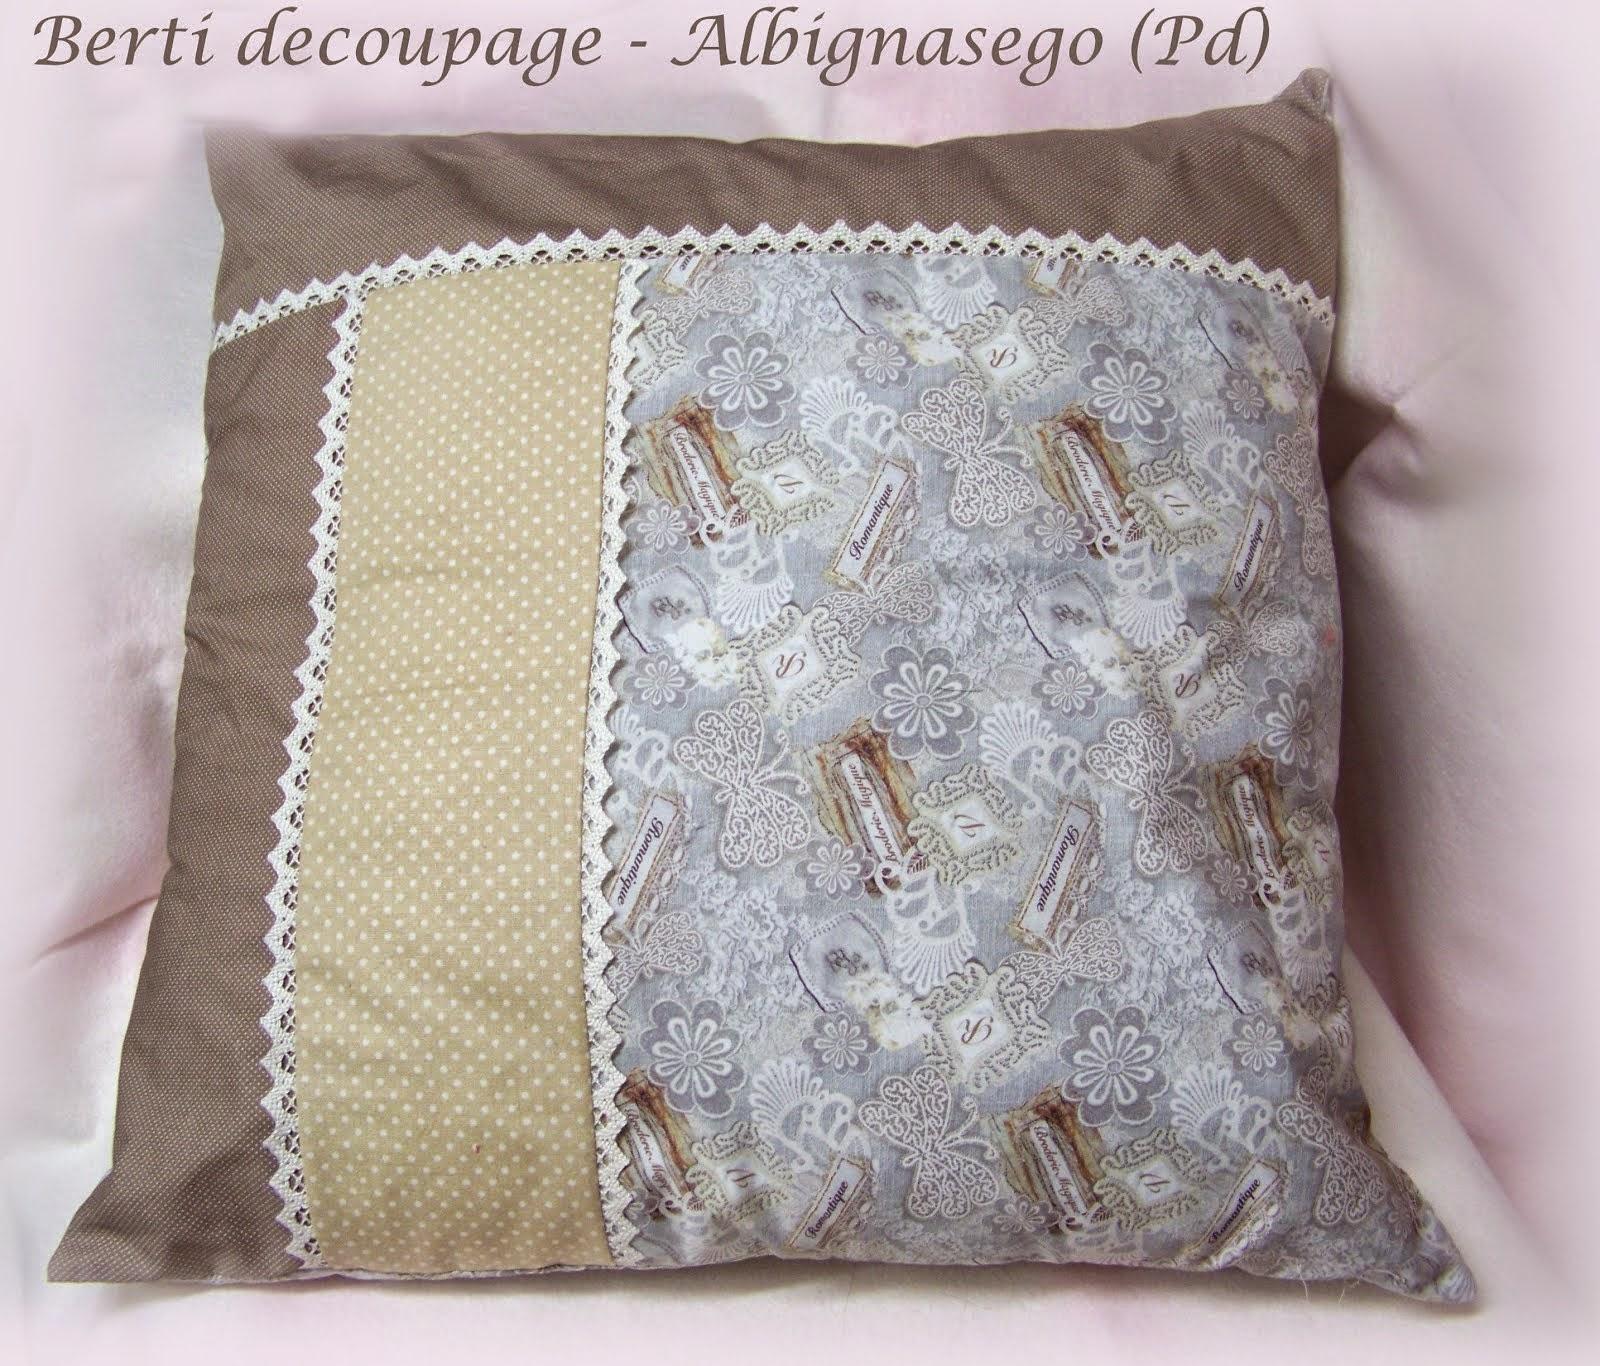 Tessuti da abbigliamento cerimonia, lycra e tessuti specifici per ballo, danza,. Vendita Tessuti Tutte Le Offerte Cascare A Fagiolo